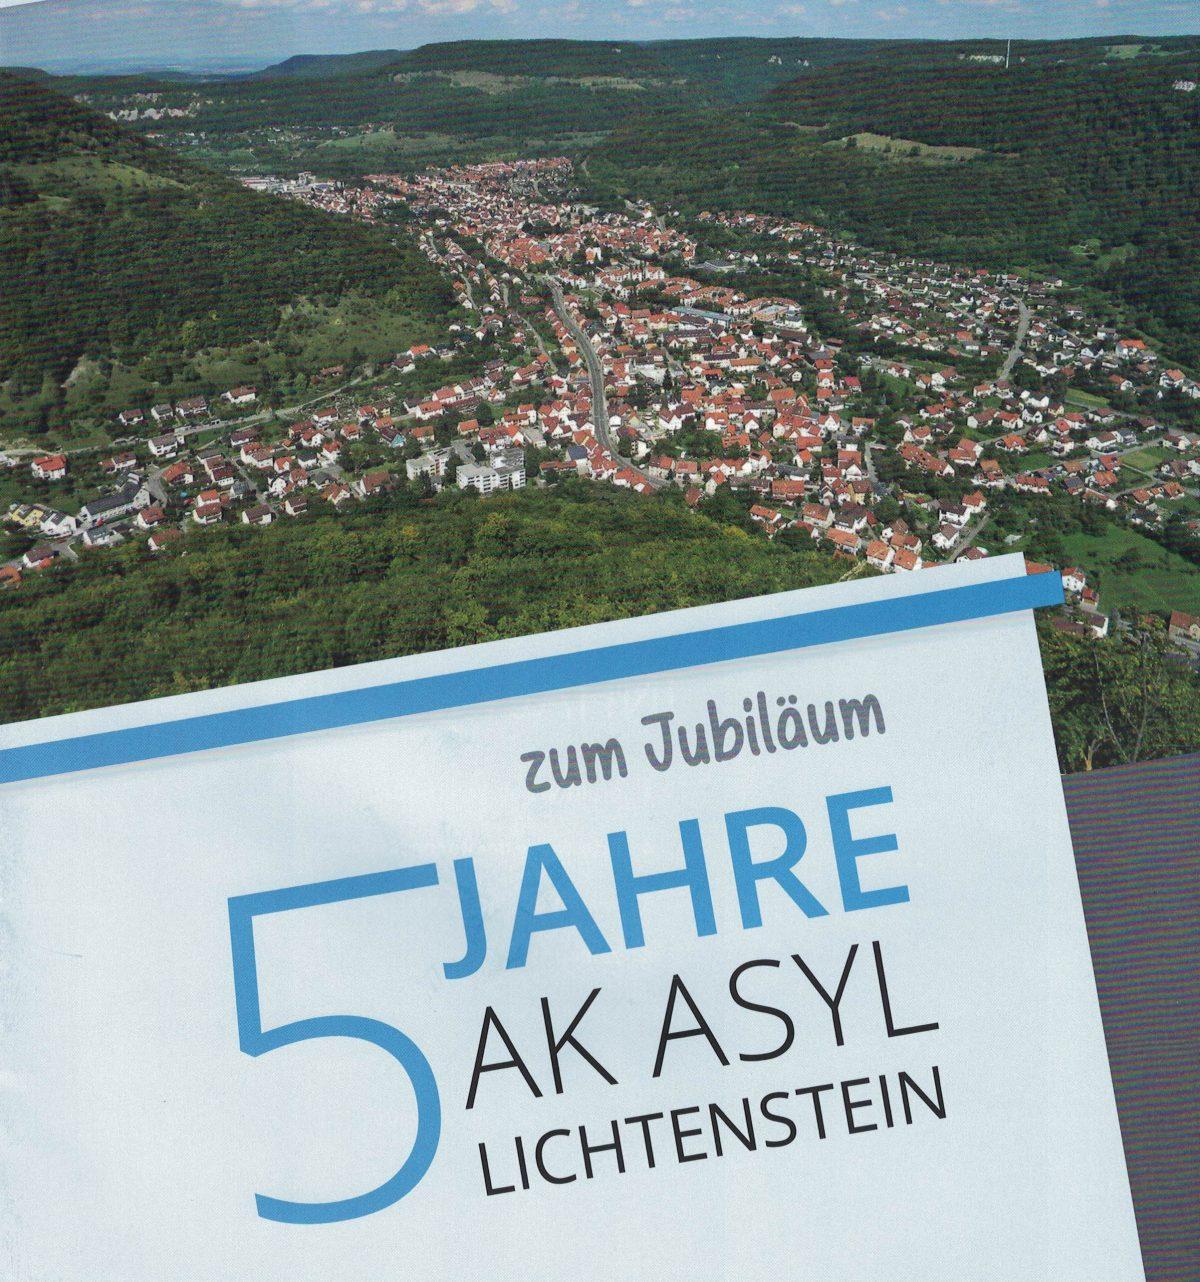 5-jähriges Jubiläum des AK Asyl Lichtenstein